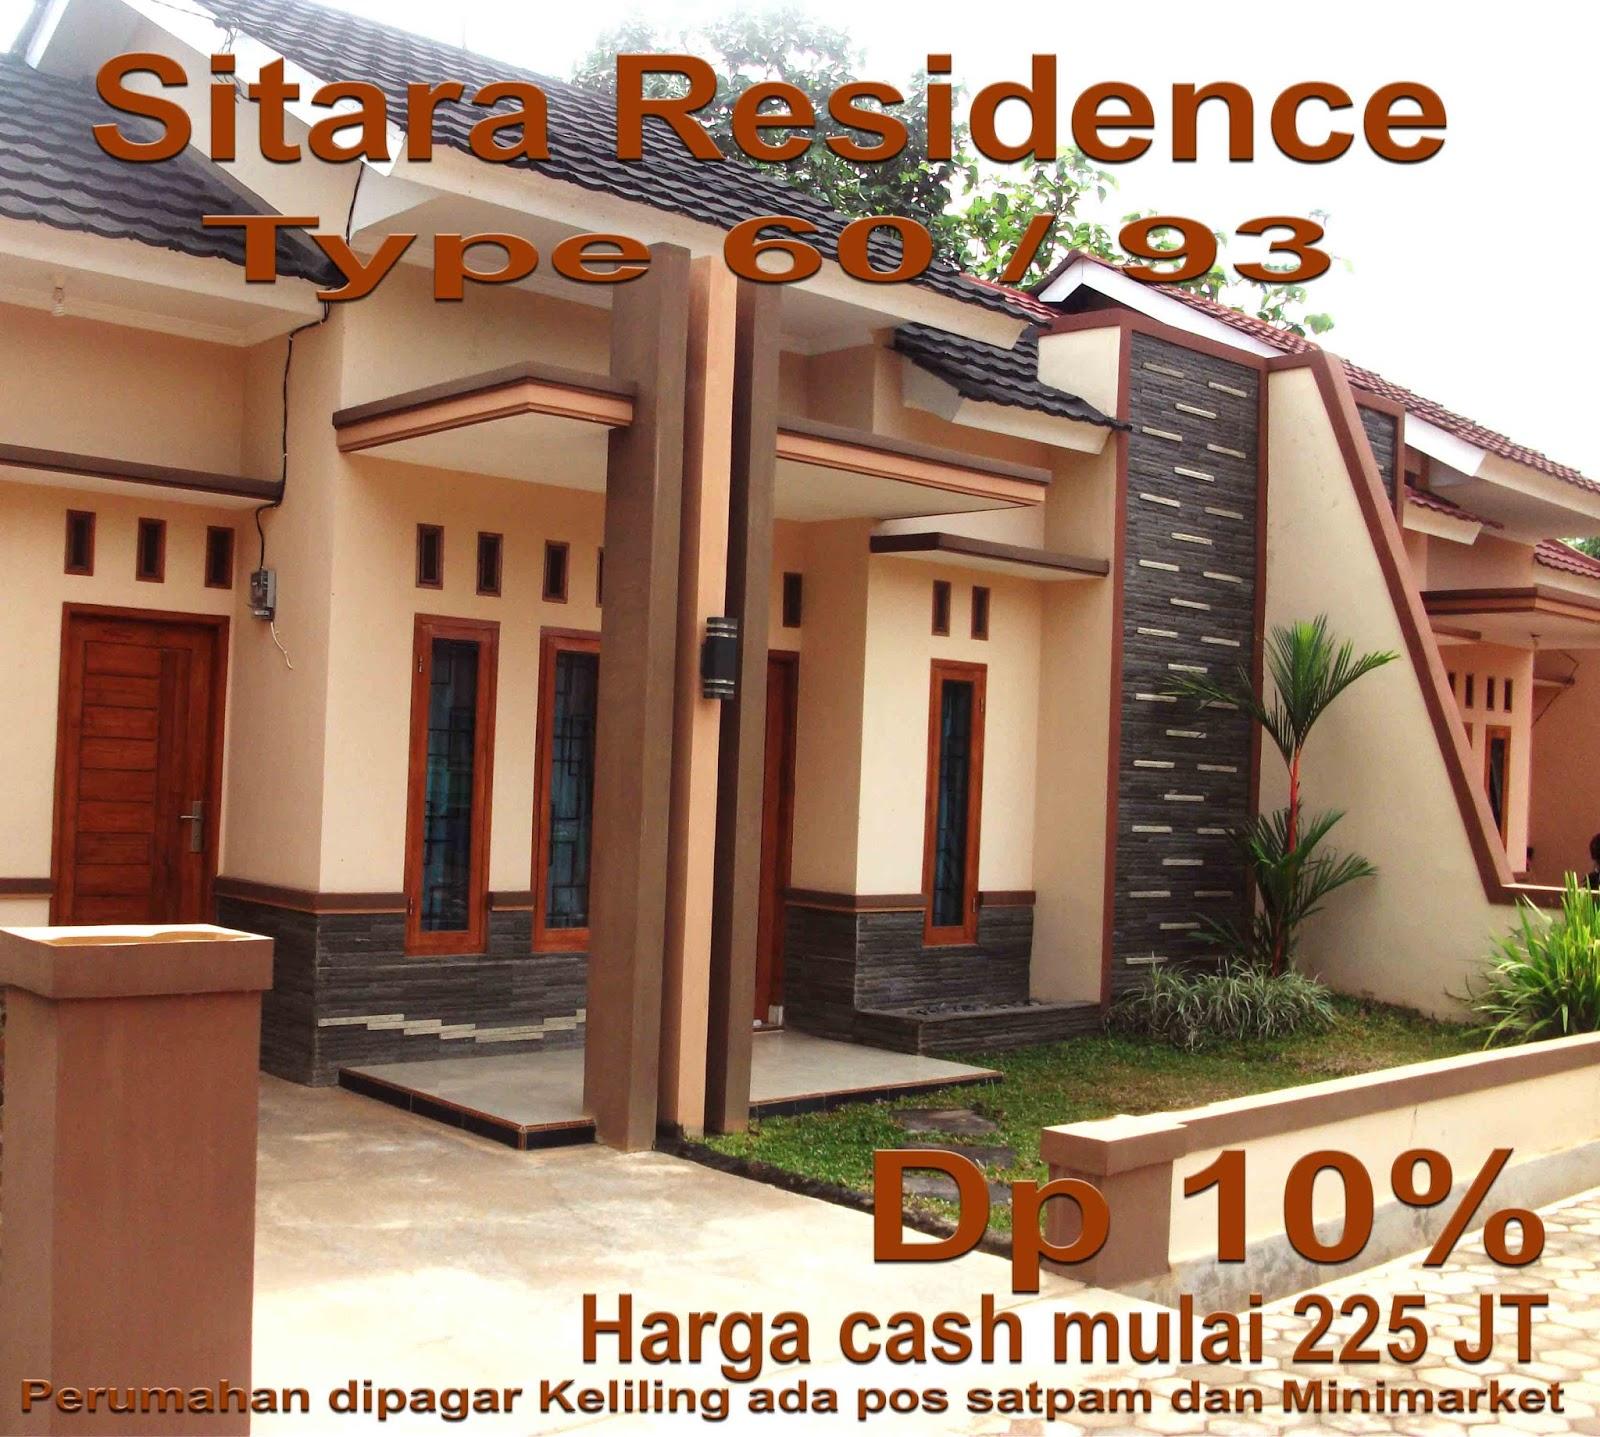 Rumah Dijual Sitara Residence